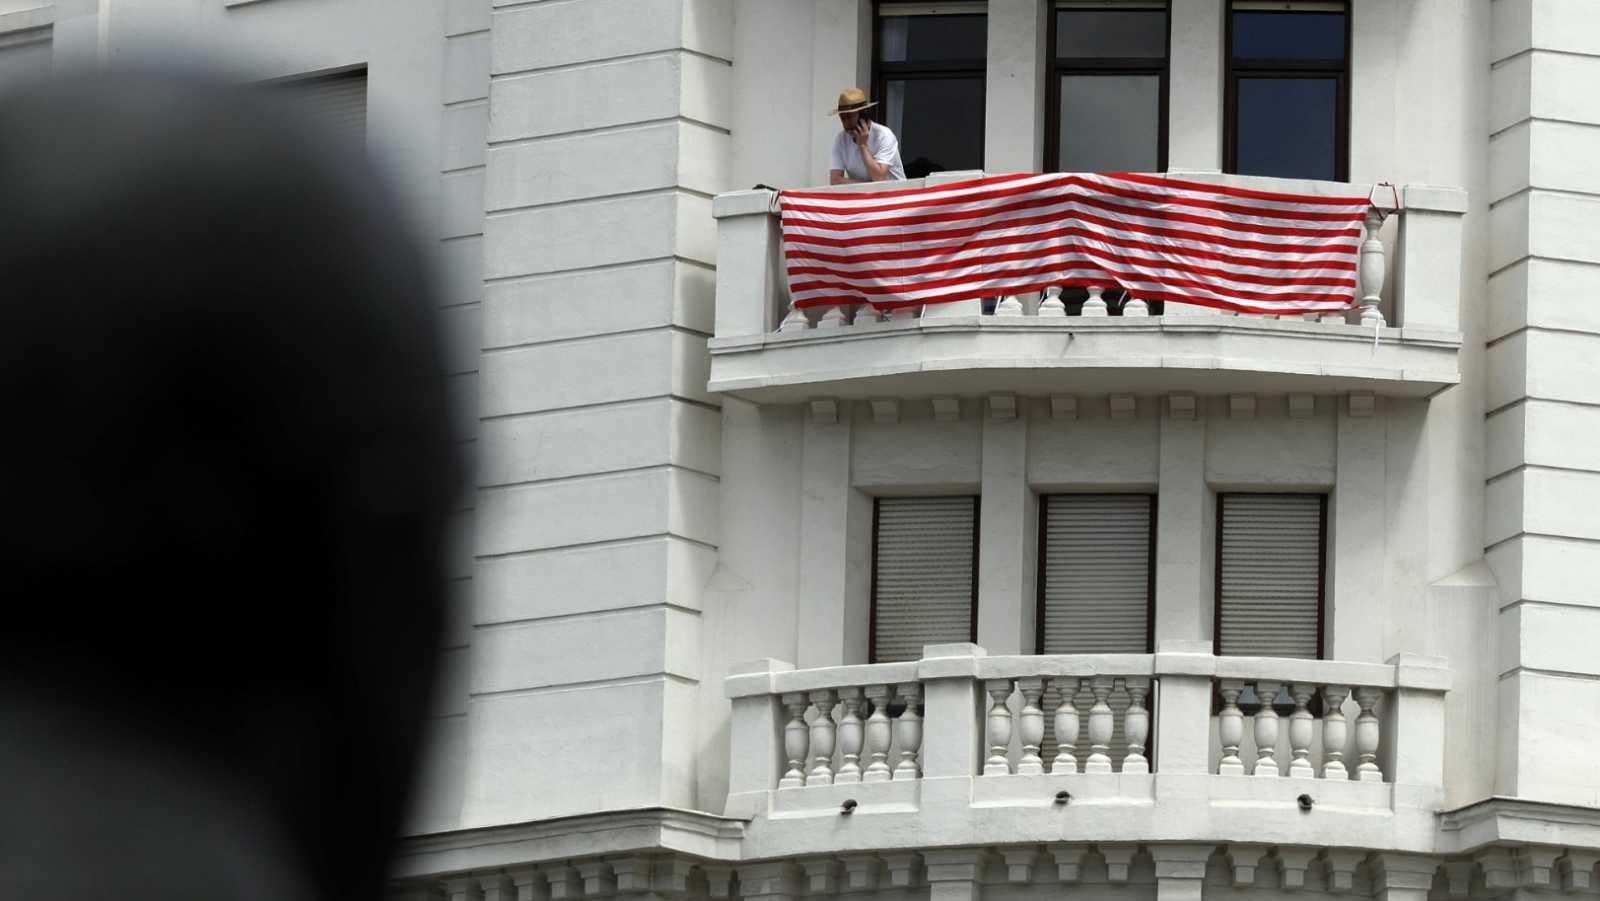 La final inédita de Copa del Rey, el derbi vasco entre Athletic y Real Sociedad, se traslada a los balcones por el coronavirus